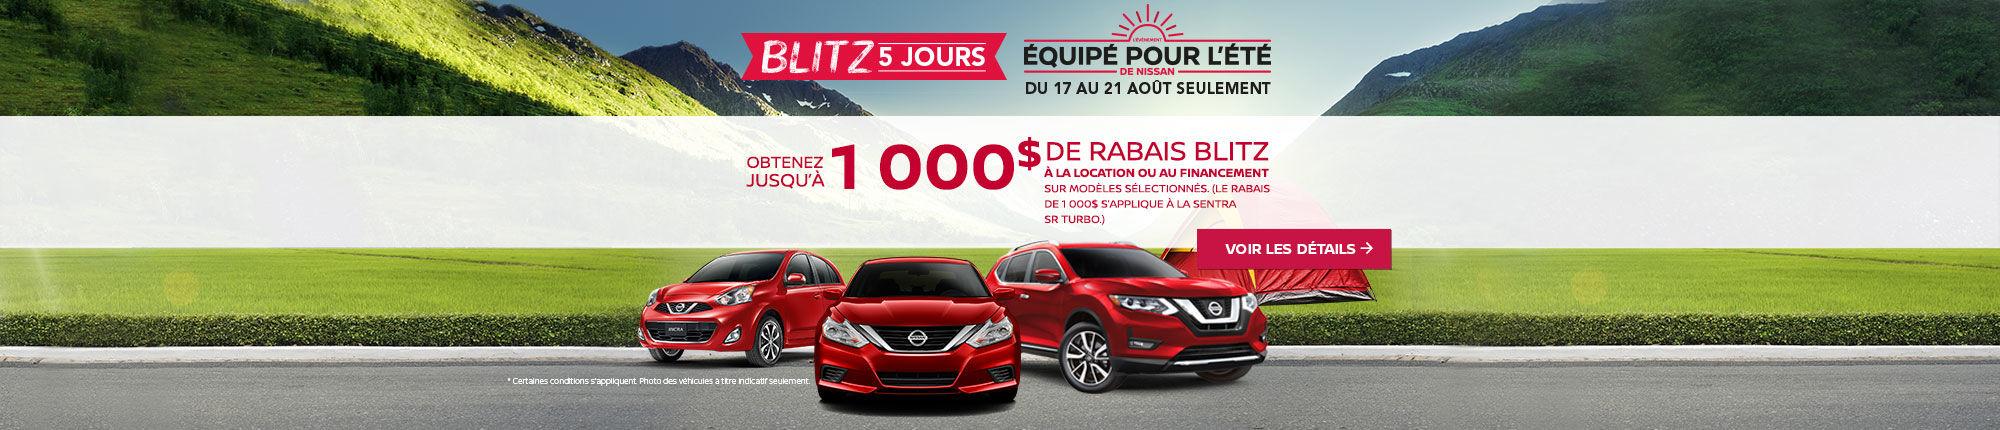 Blitz 5 jours Nissan Portail